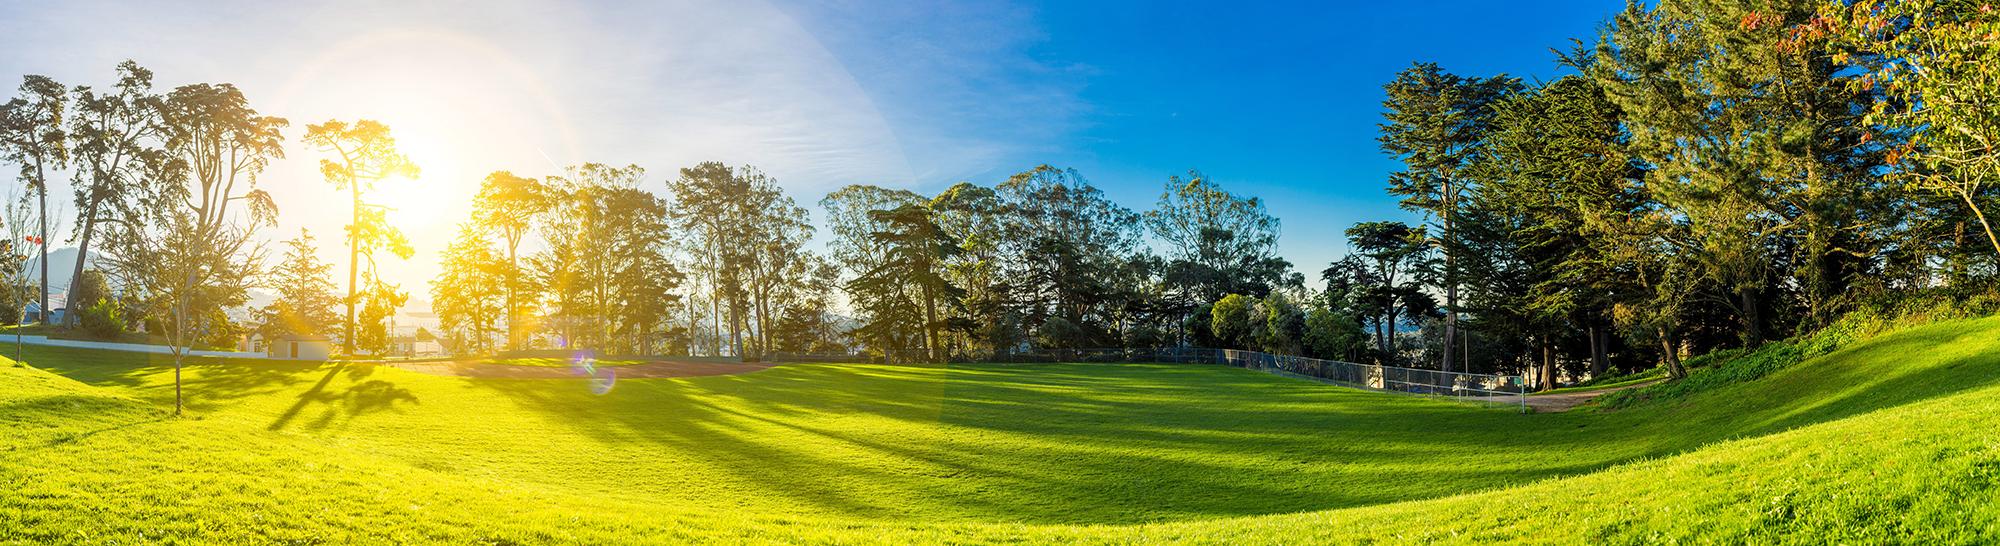 Led draagt bij aan een groen landschap